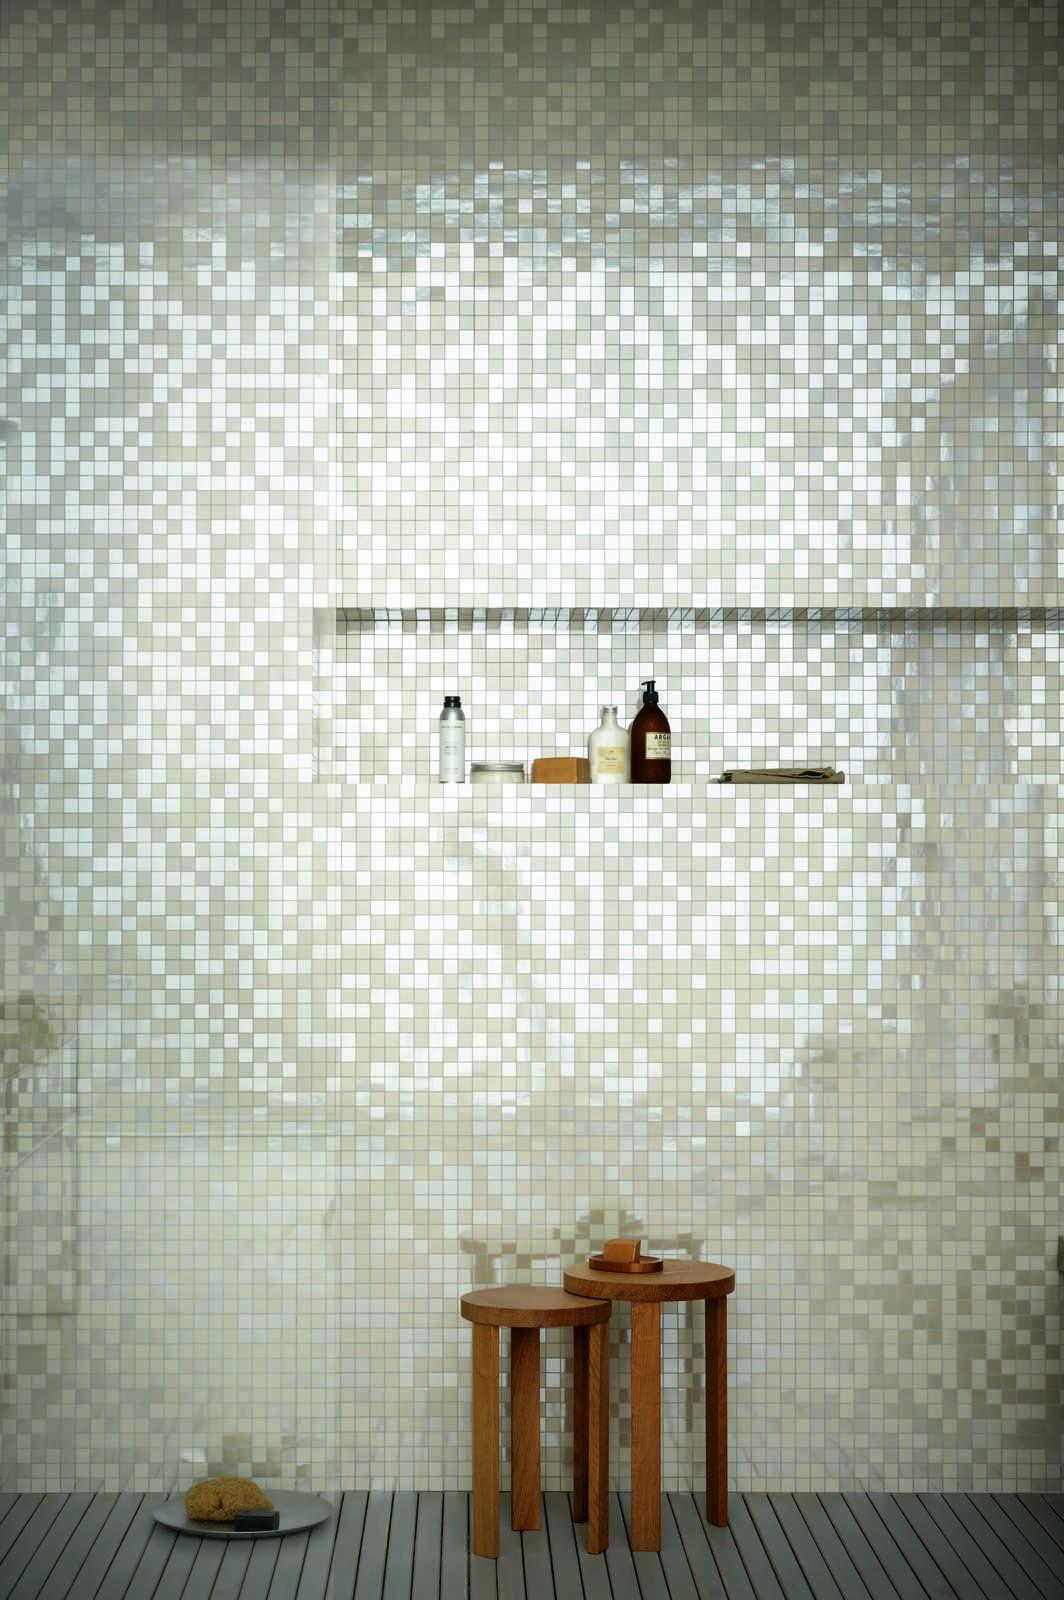 Piastrelle a mosaico per bagno e altri ambienti marazzi - Rivestimenti bagno mosaico ...